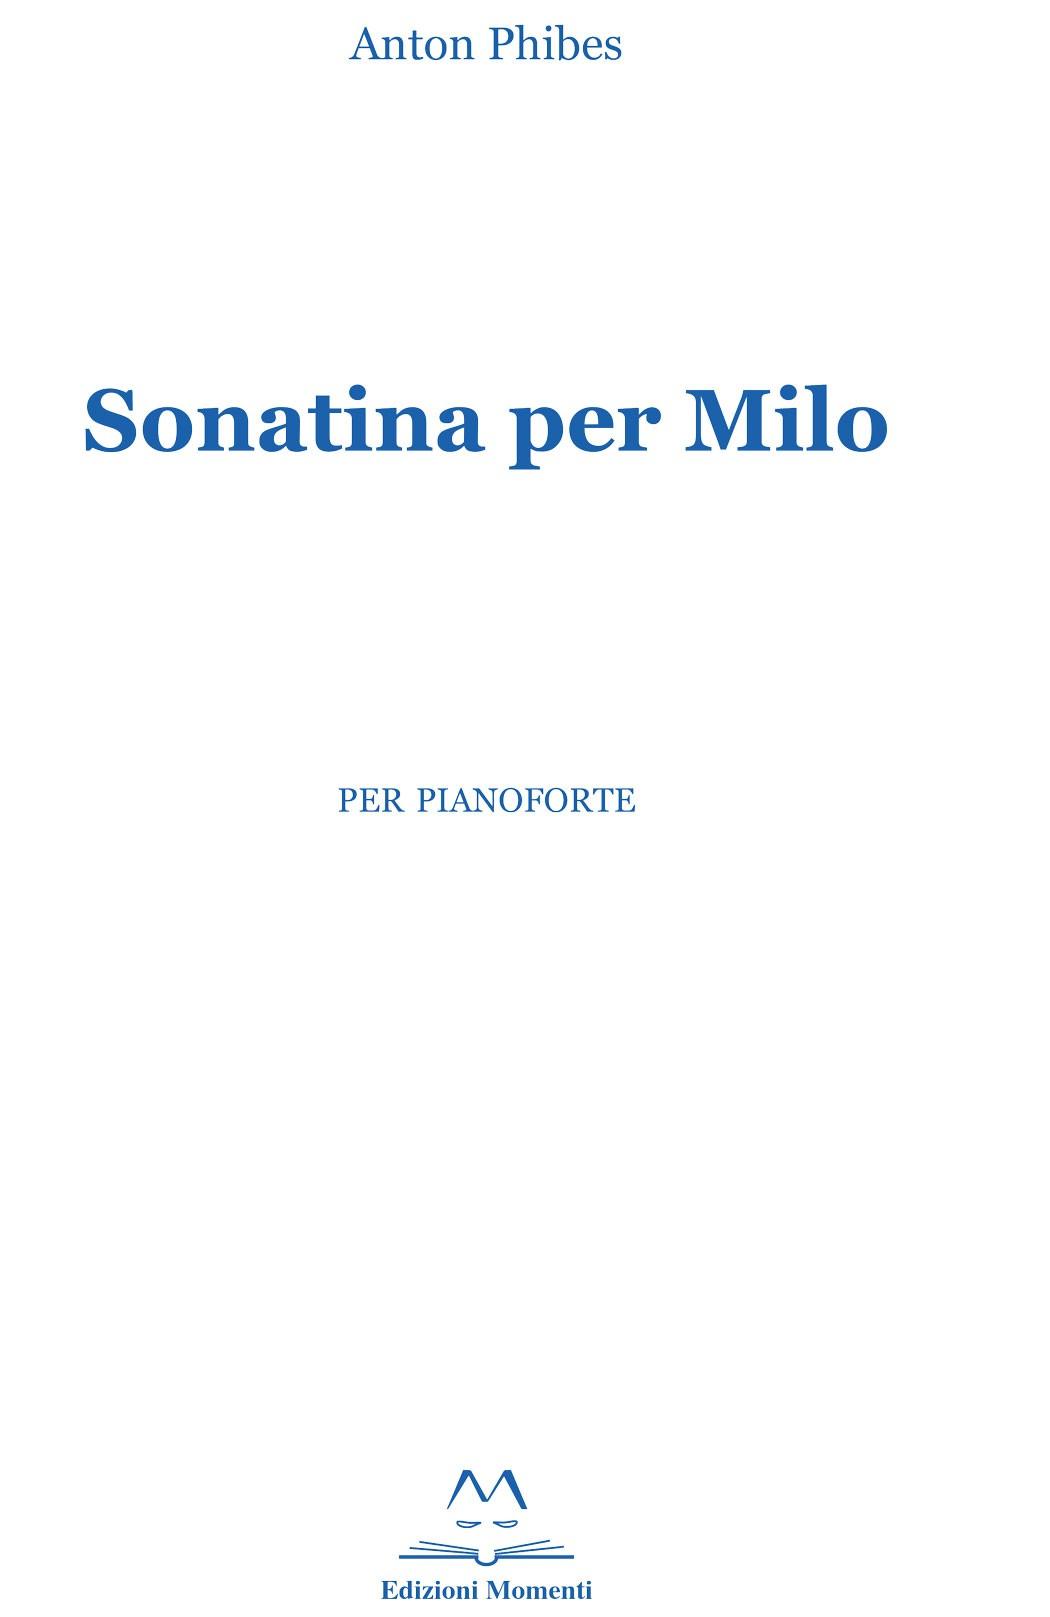 Sonatina per Milo di Anton Phibes